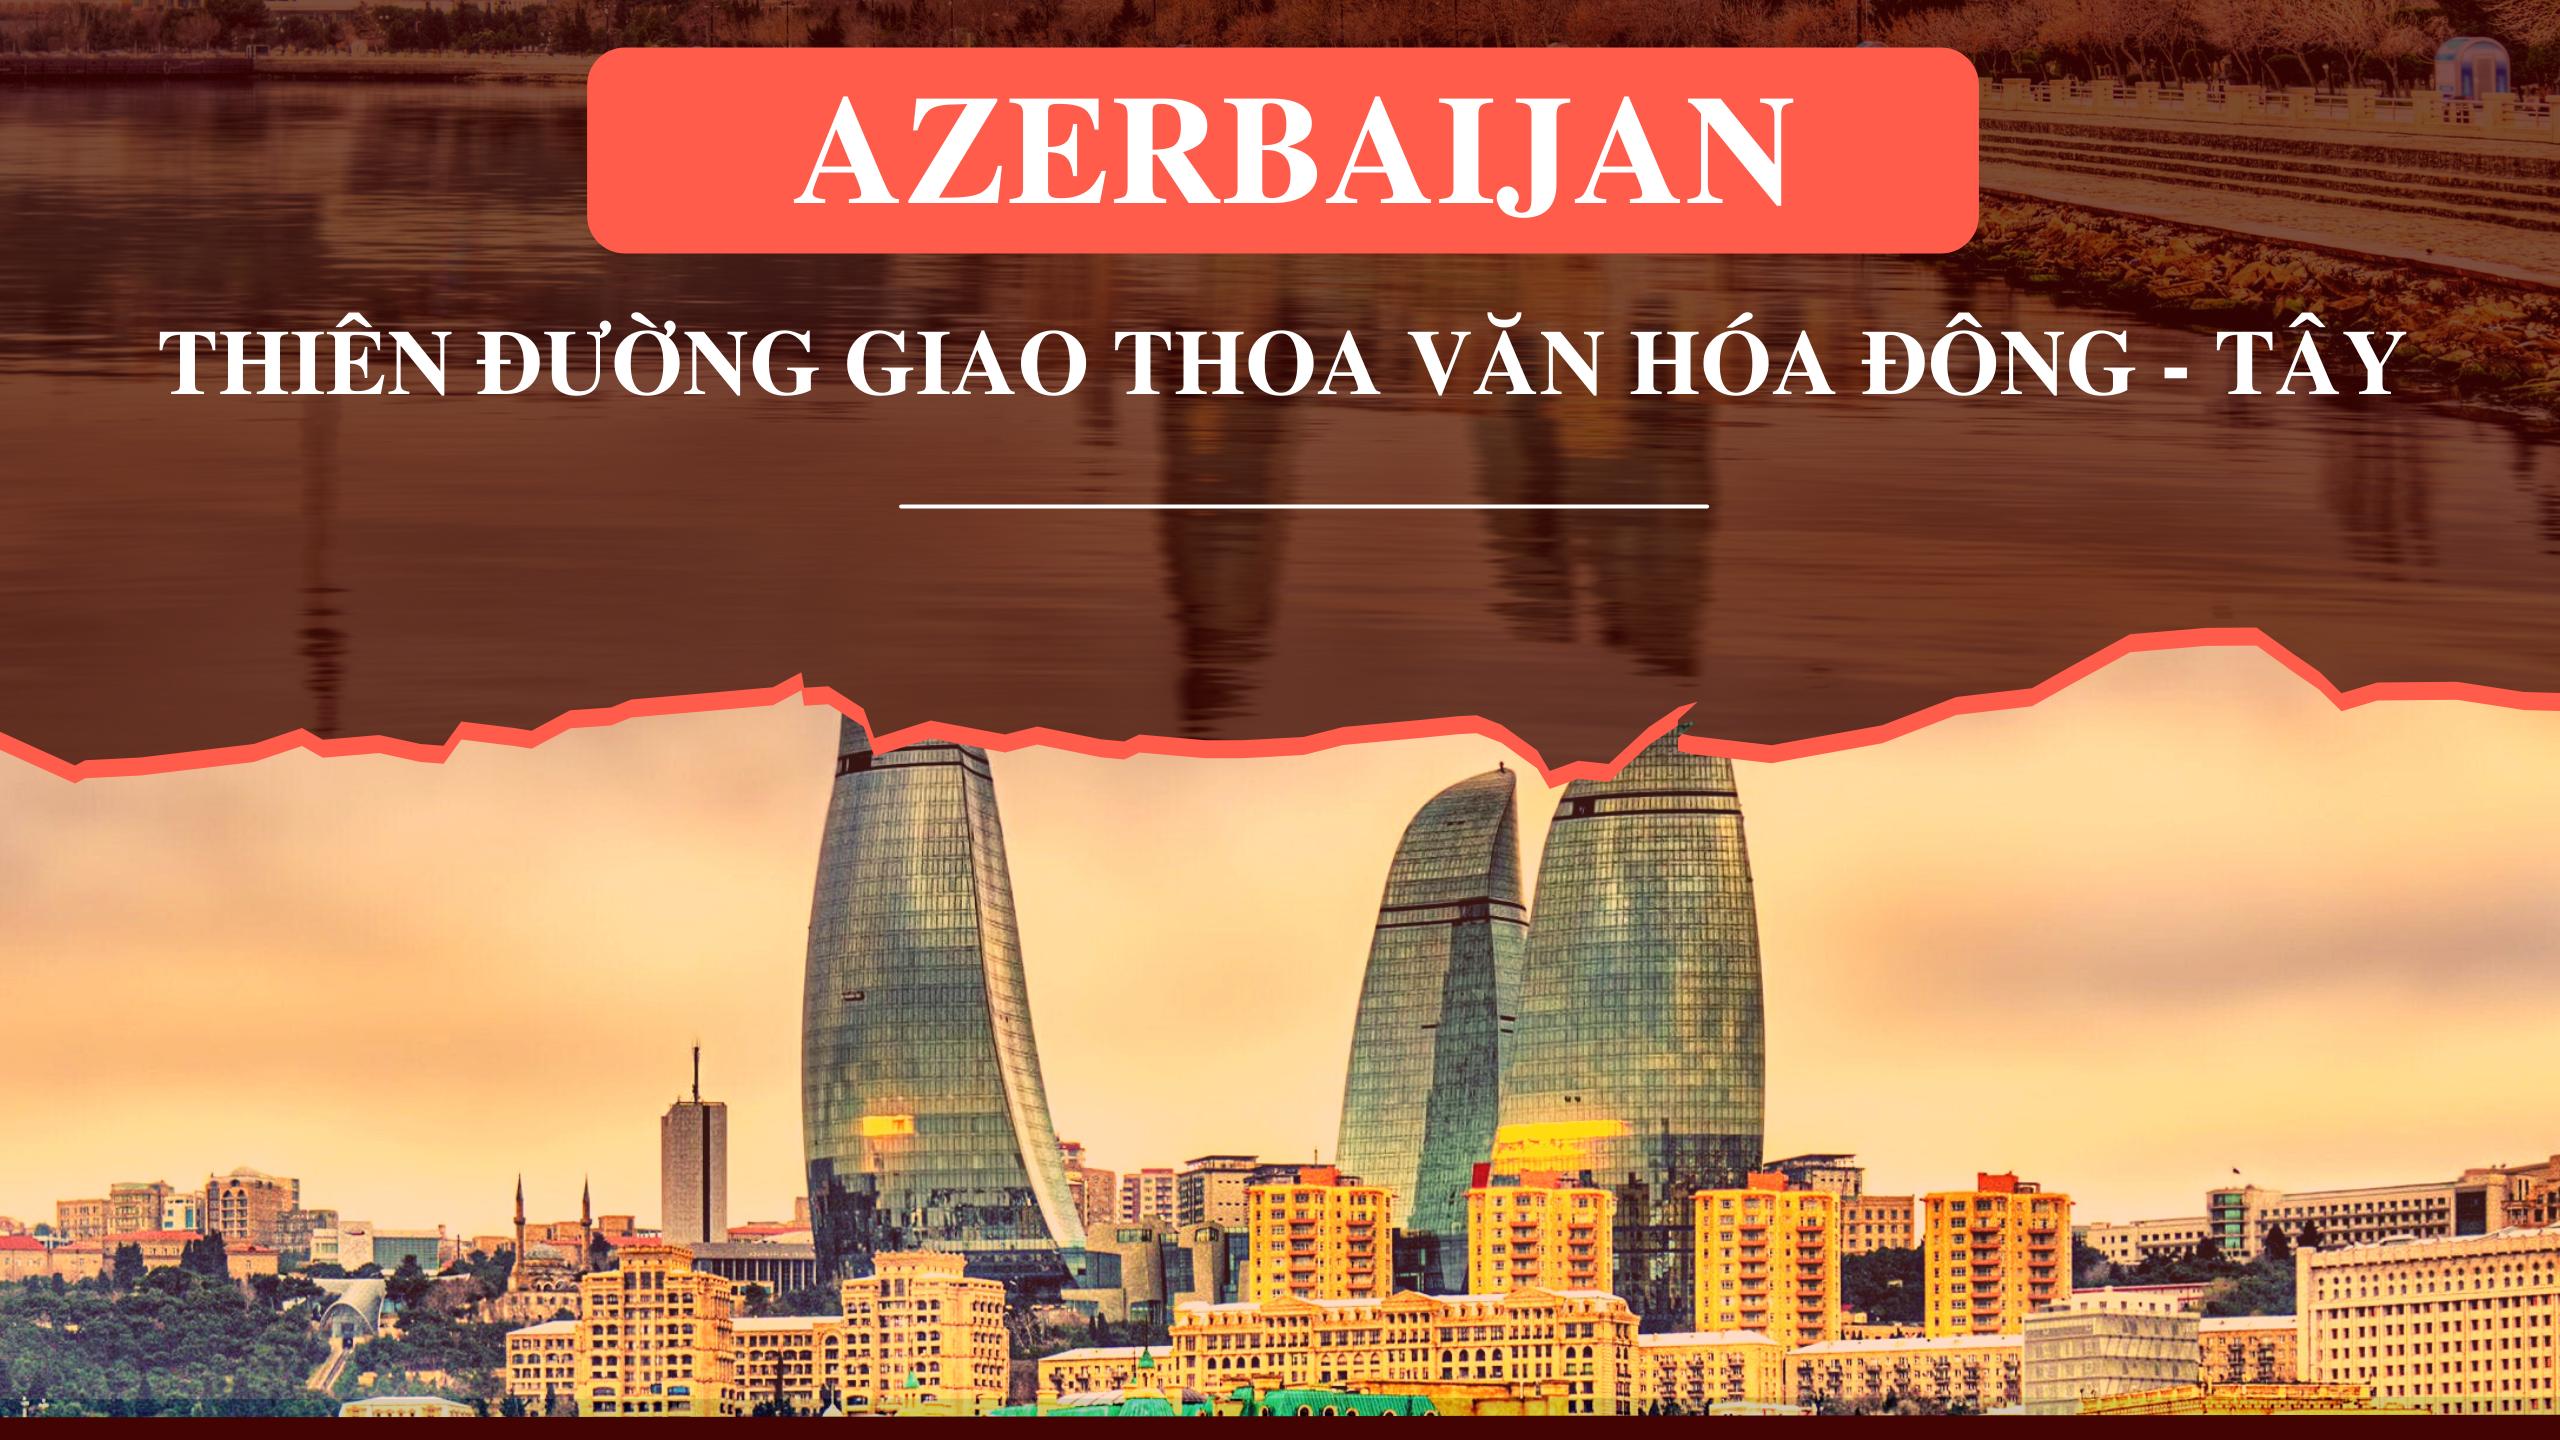 Azerbaijan – Thiên đường giao thoa văn hóa Đông - Tây